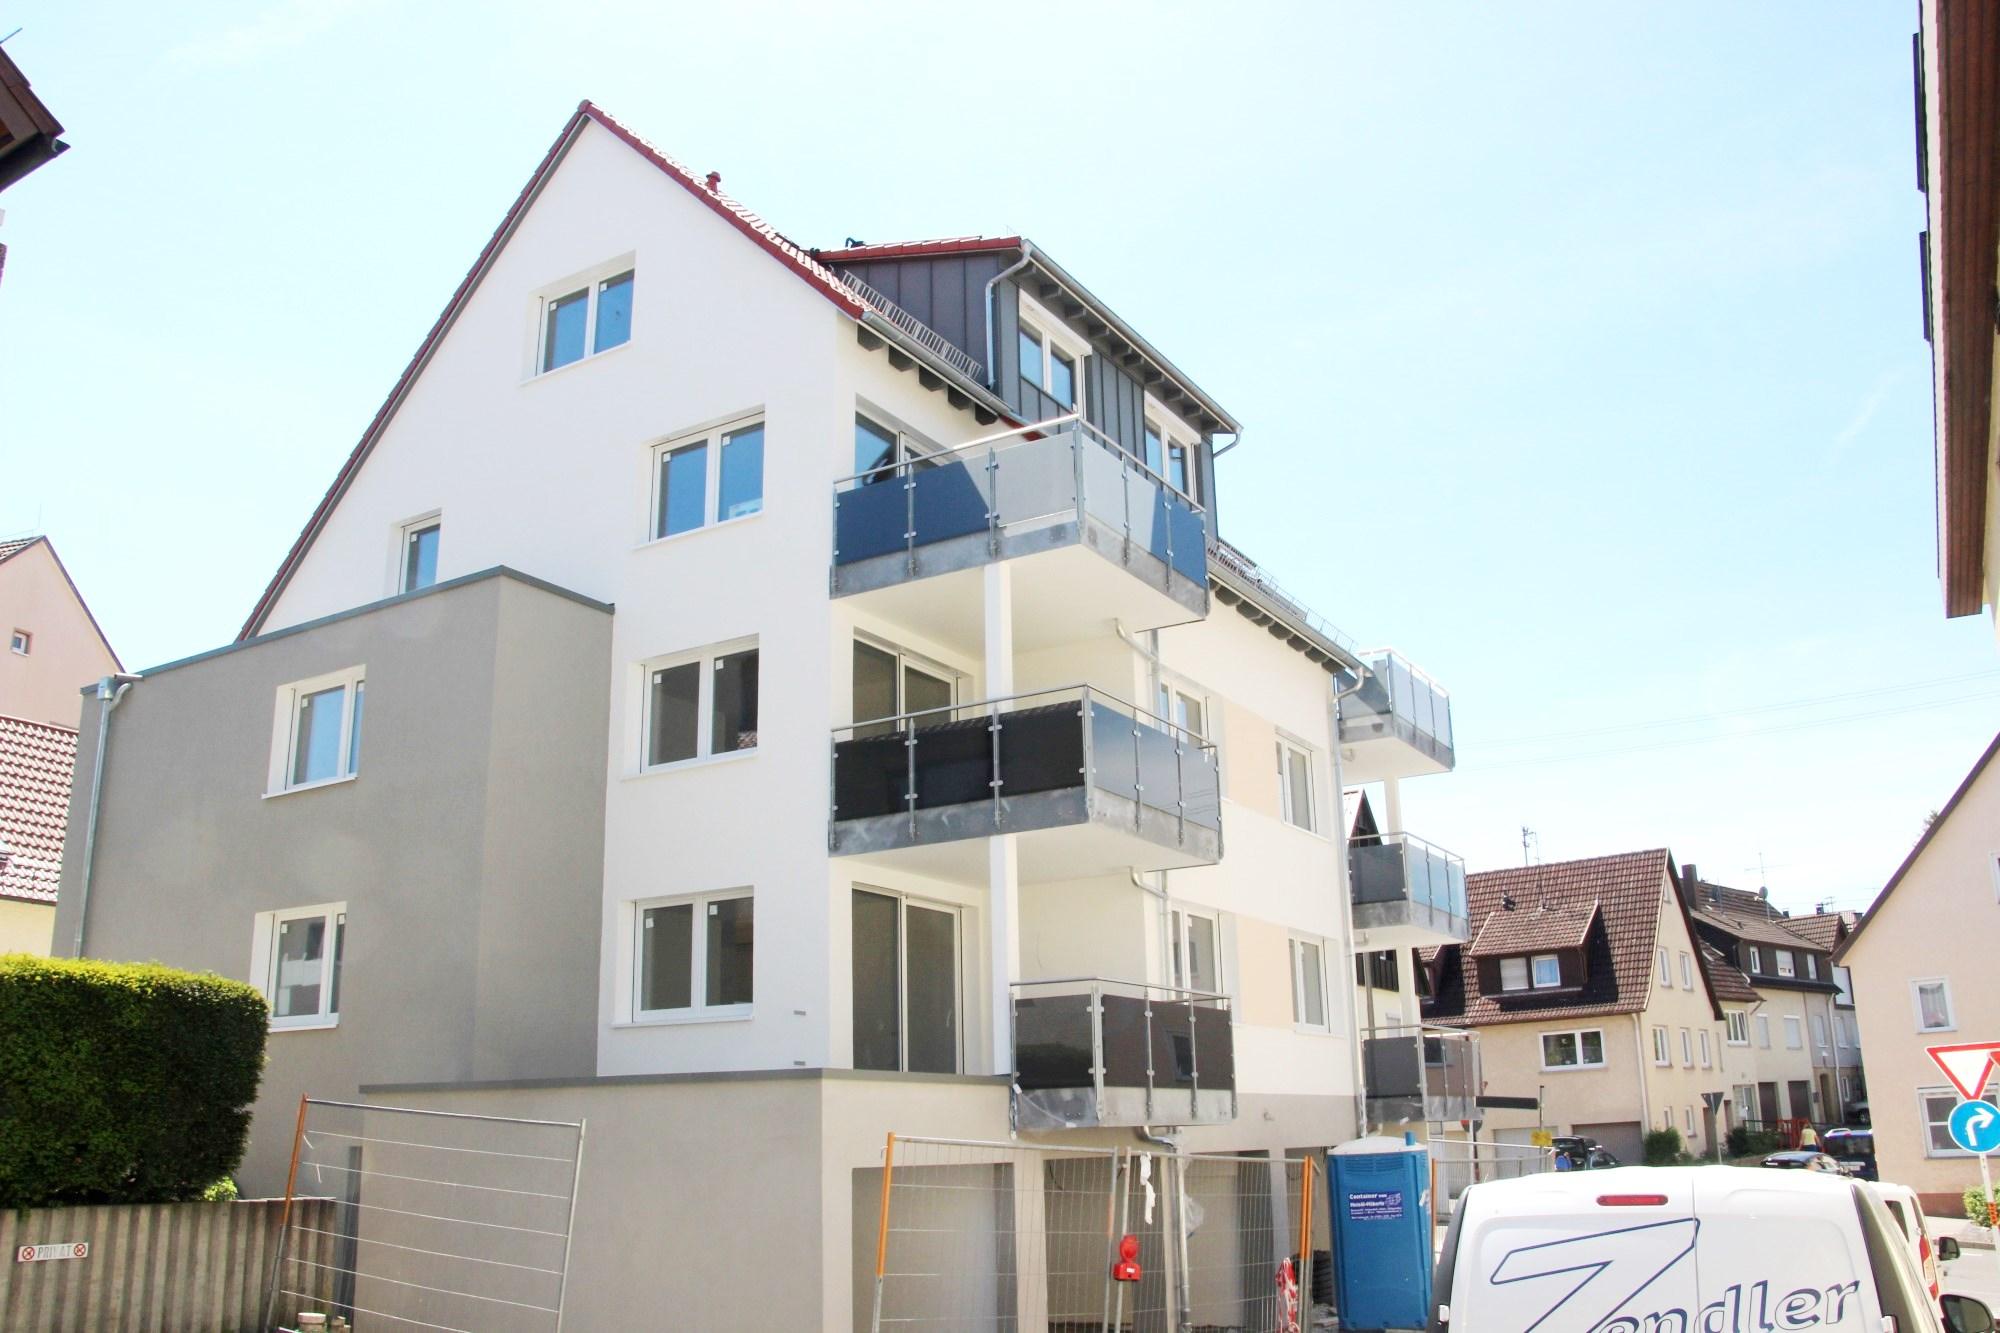 2017 | 5-Familienhaus Neue Stuttgarter Straße in Magstadt, Architekt Dipl. Ing. Sandra Rapino